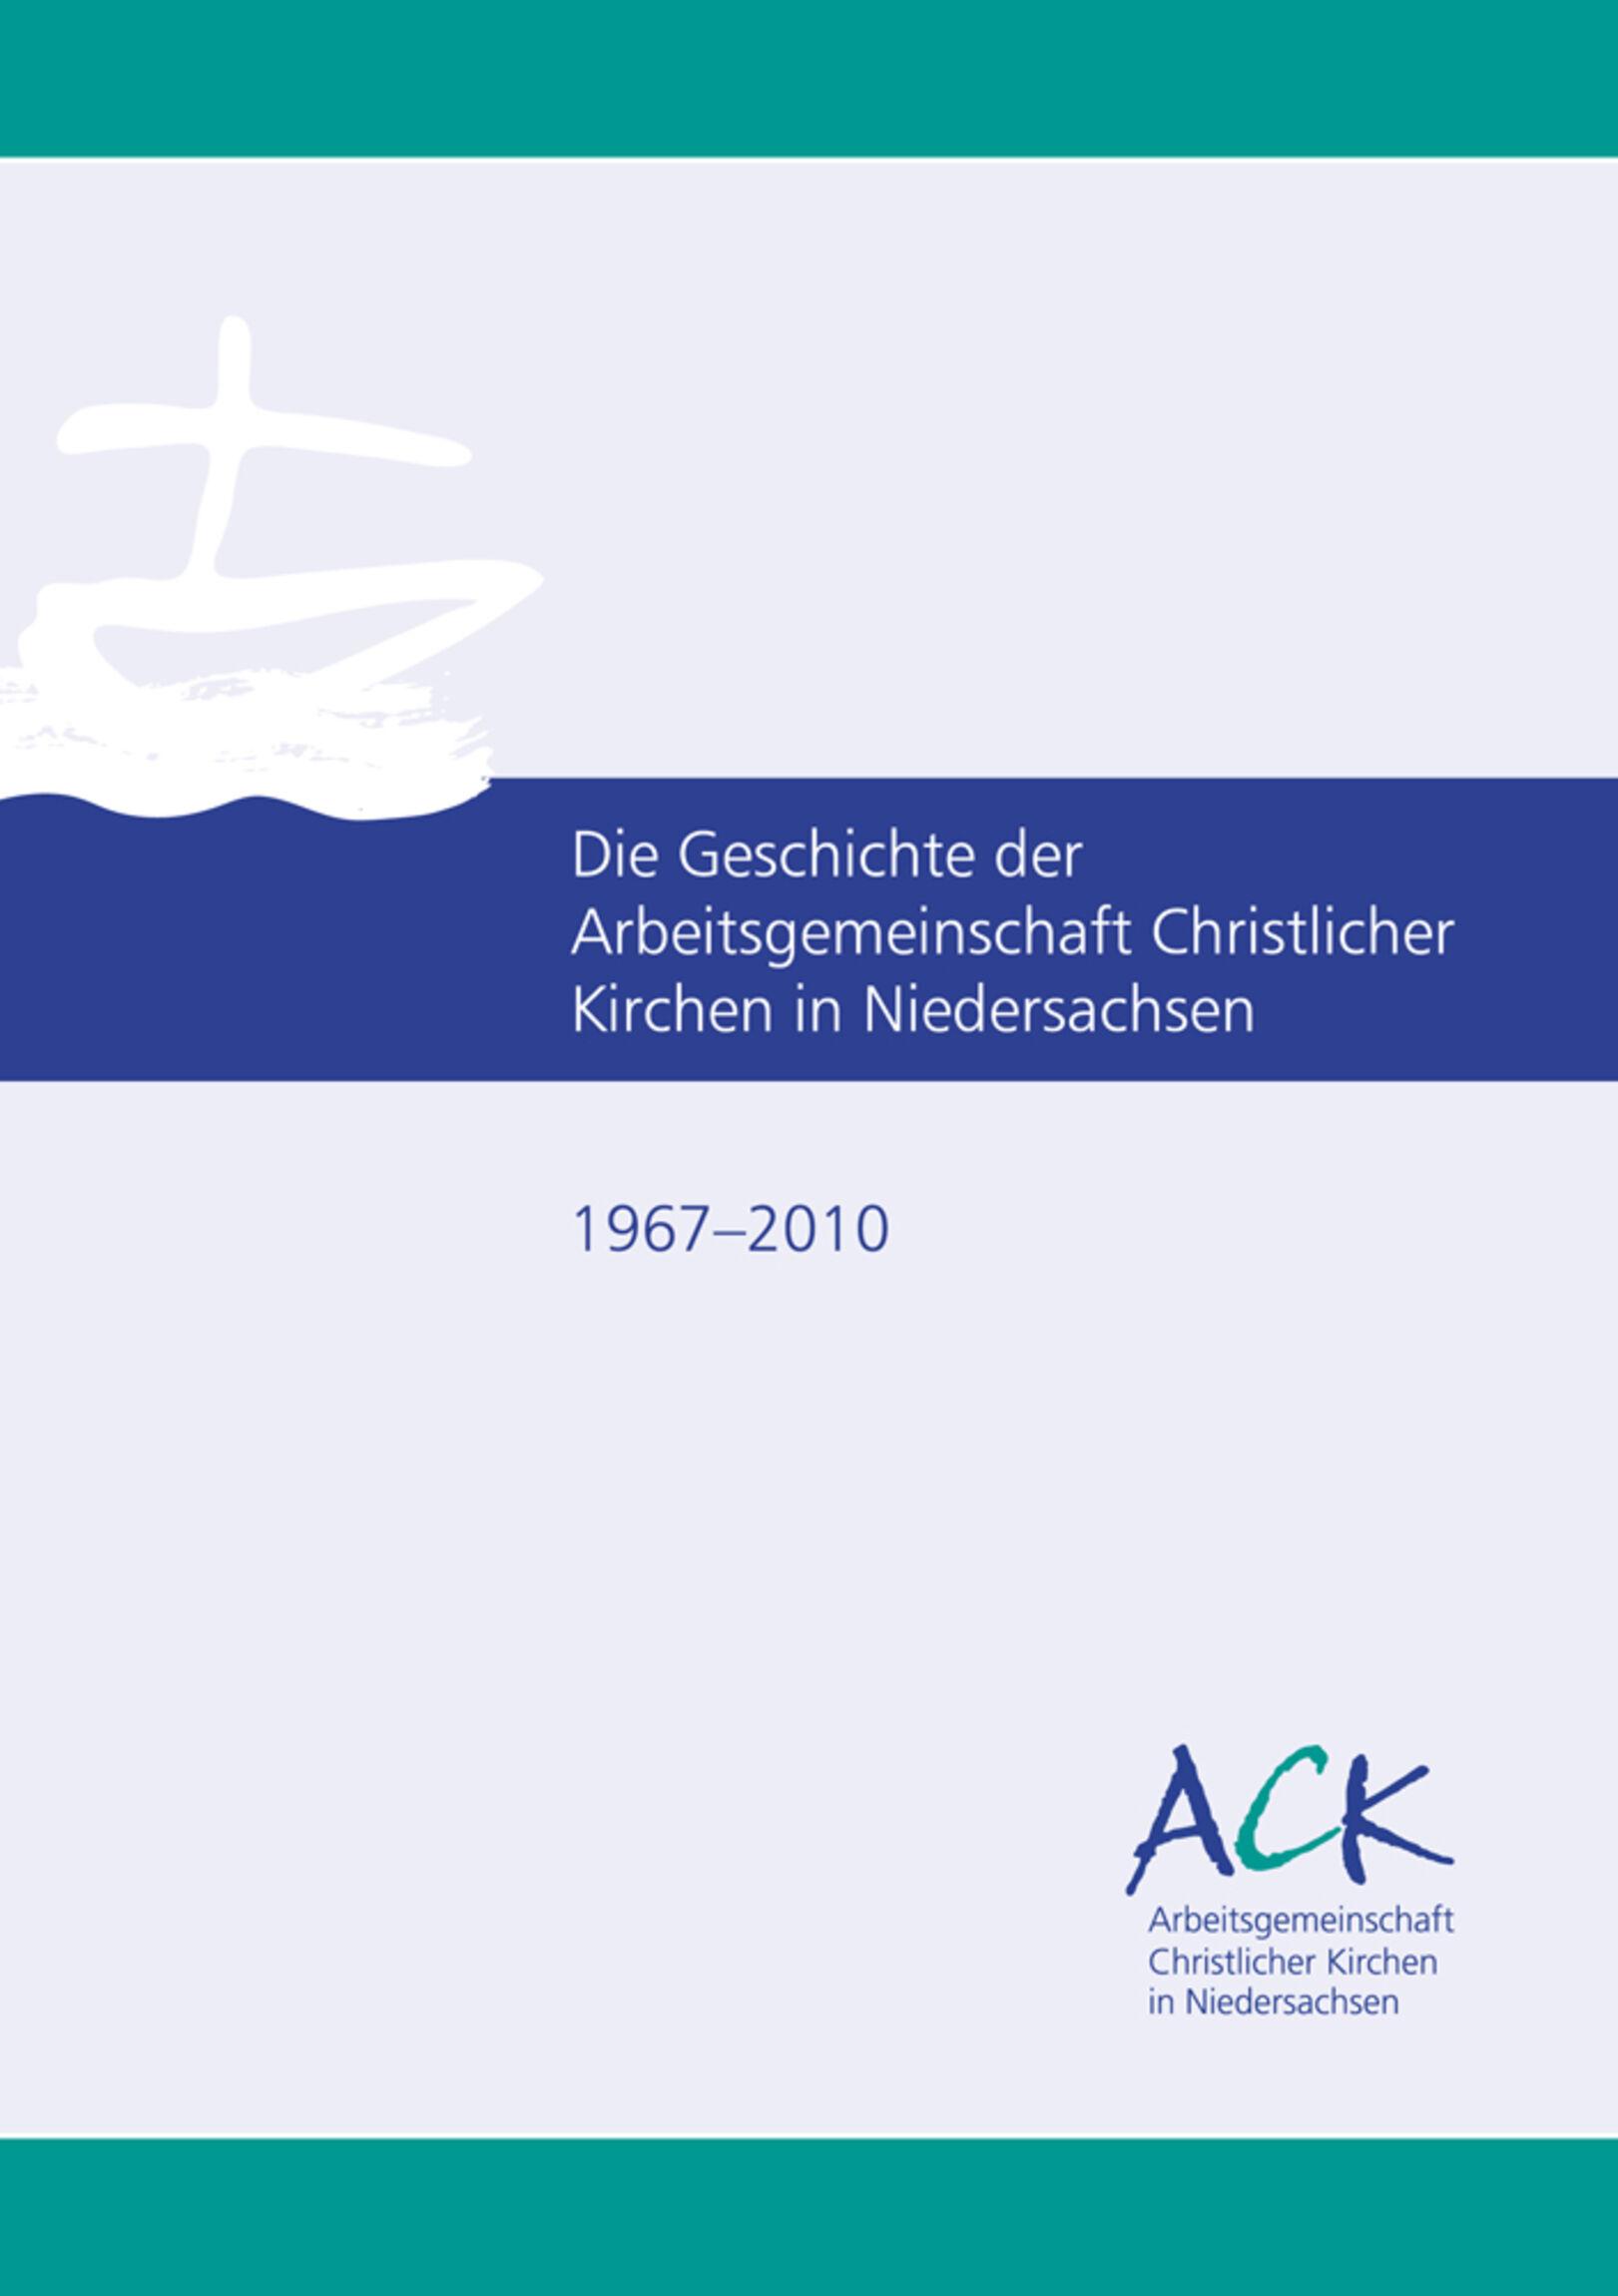 Titel Broschüre Geschichte